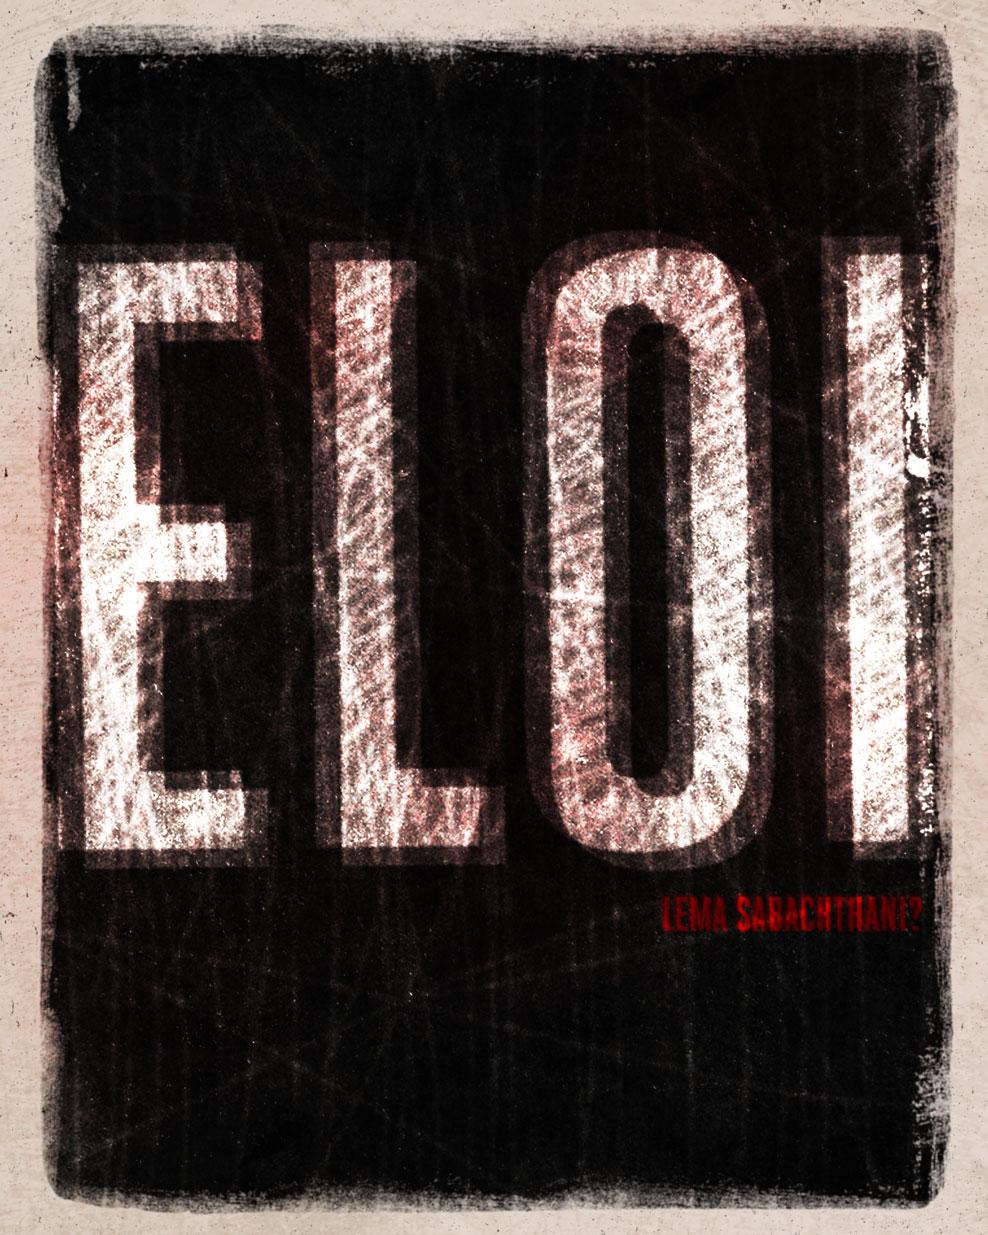 ELOI_988.jpg